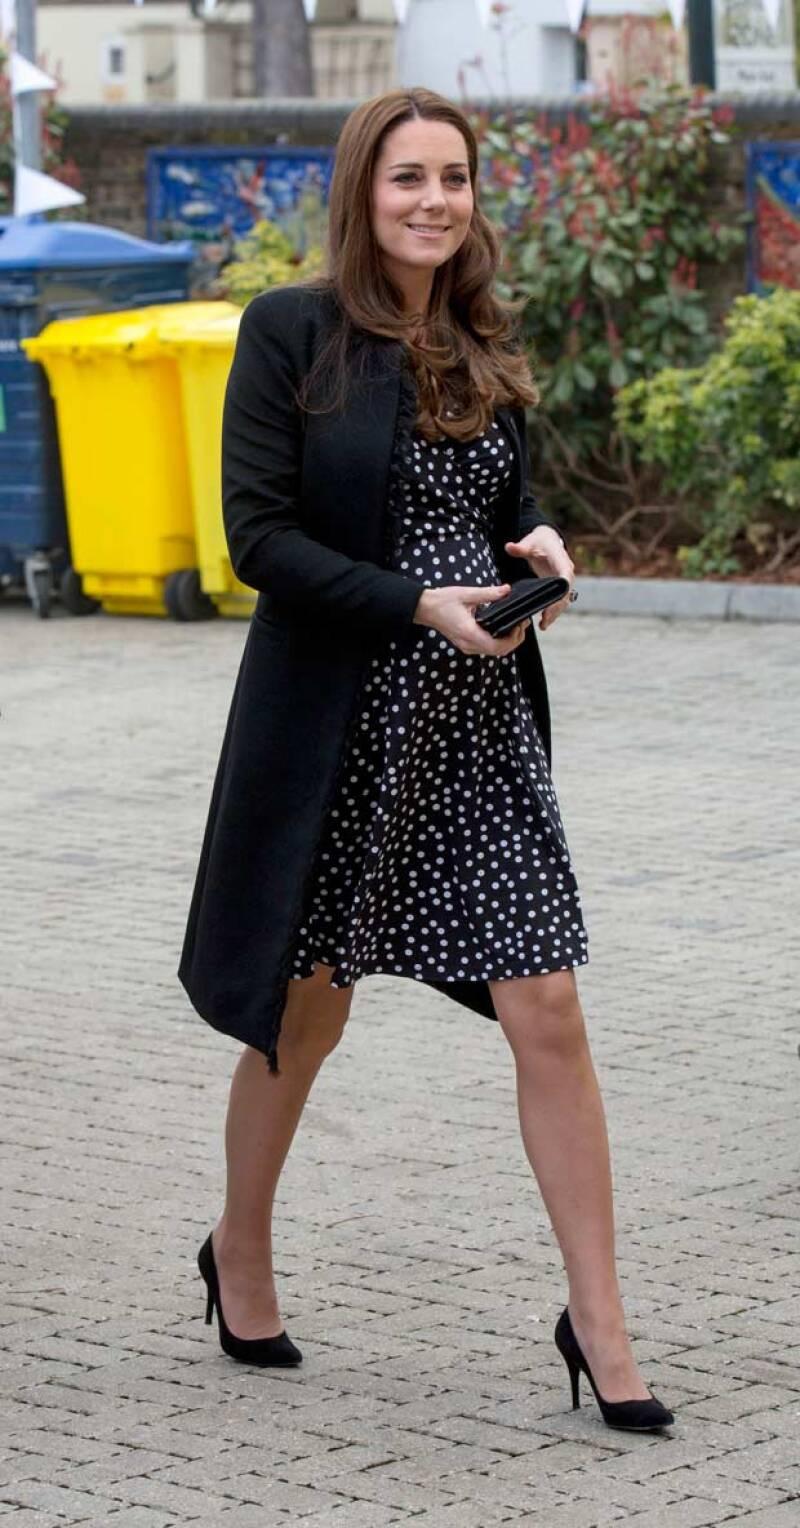 Impecable y siempre con zapatos altos, la duquesa parece no cansarse a pesar de su ajetreada agenda. ¿Cómo le hace?